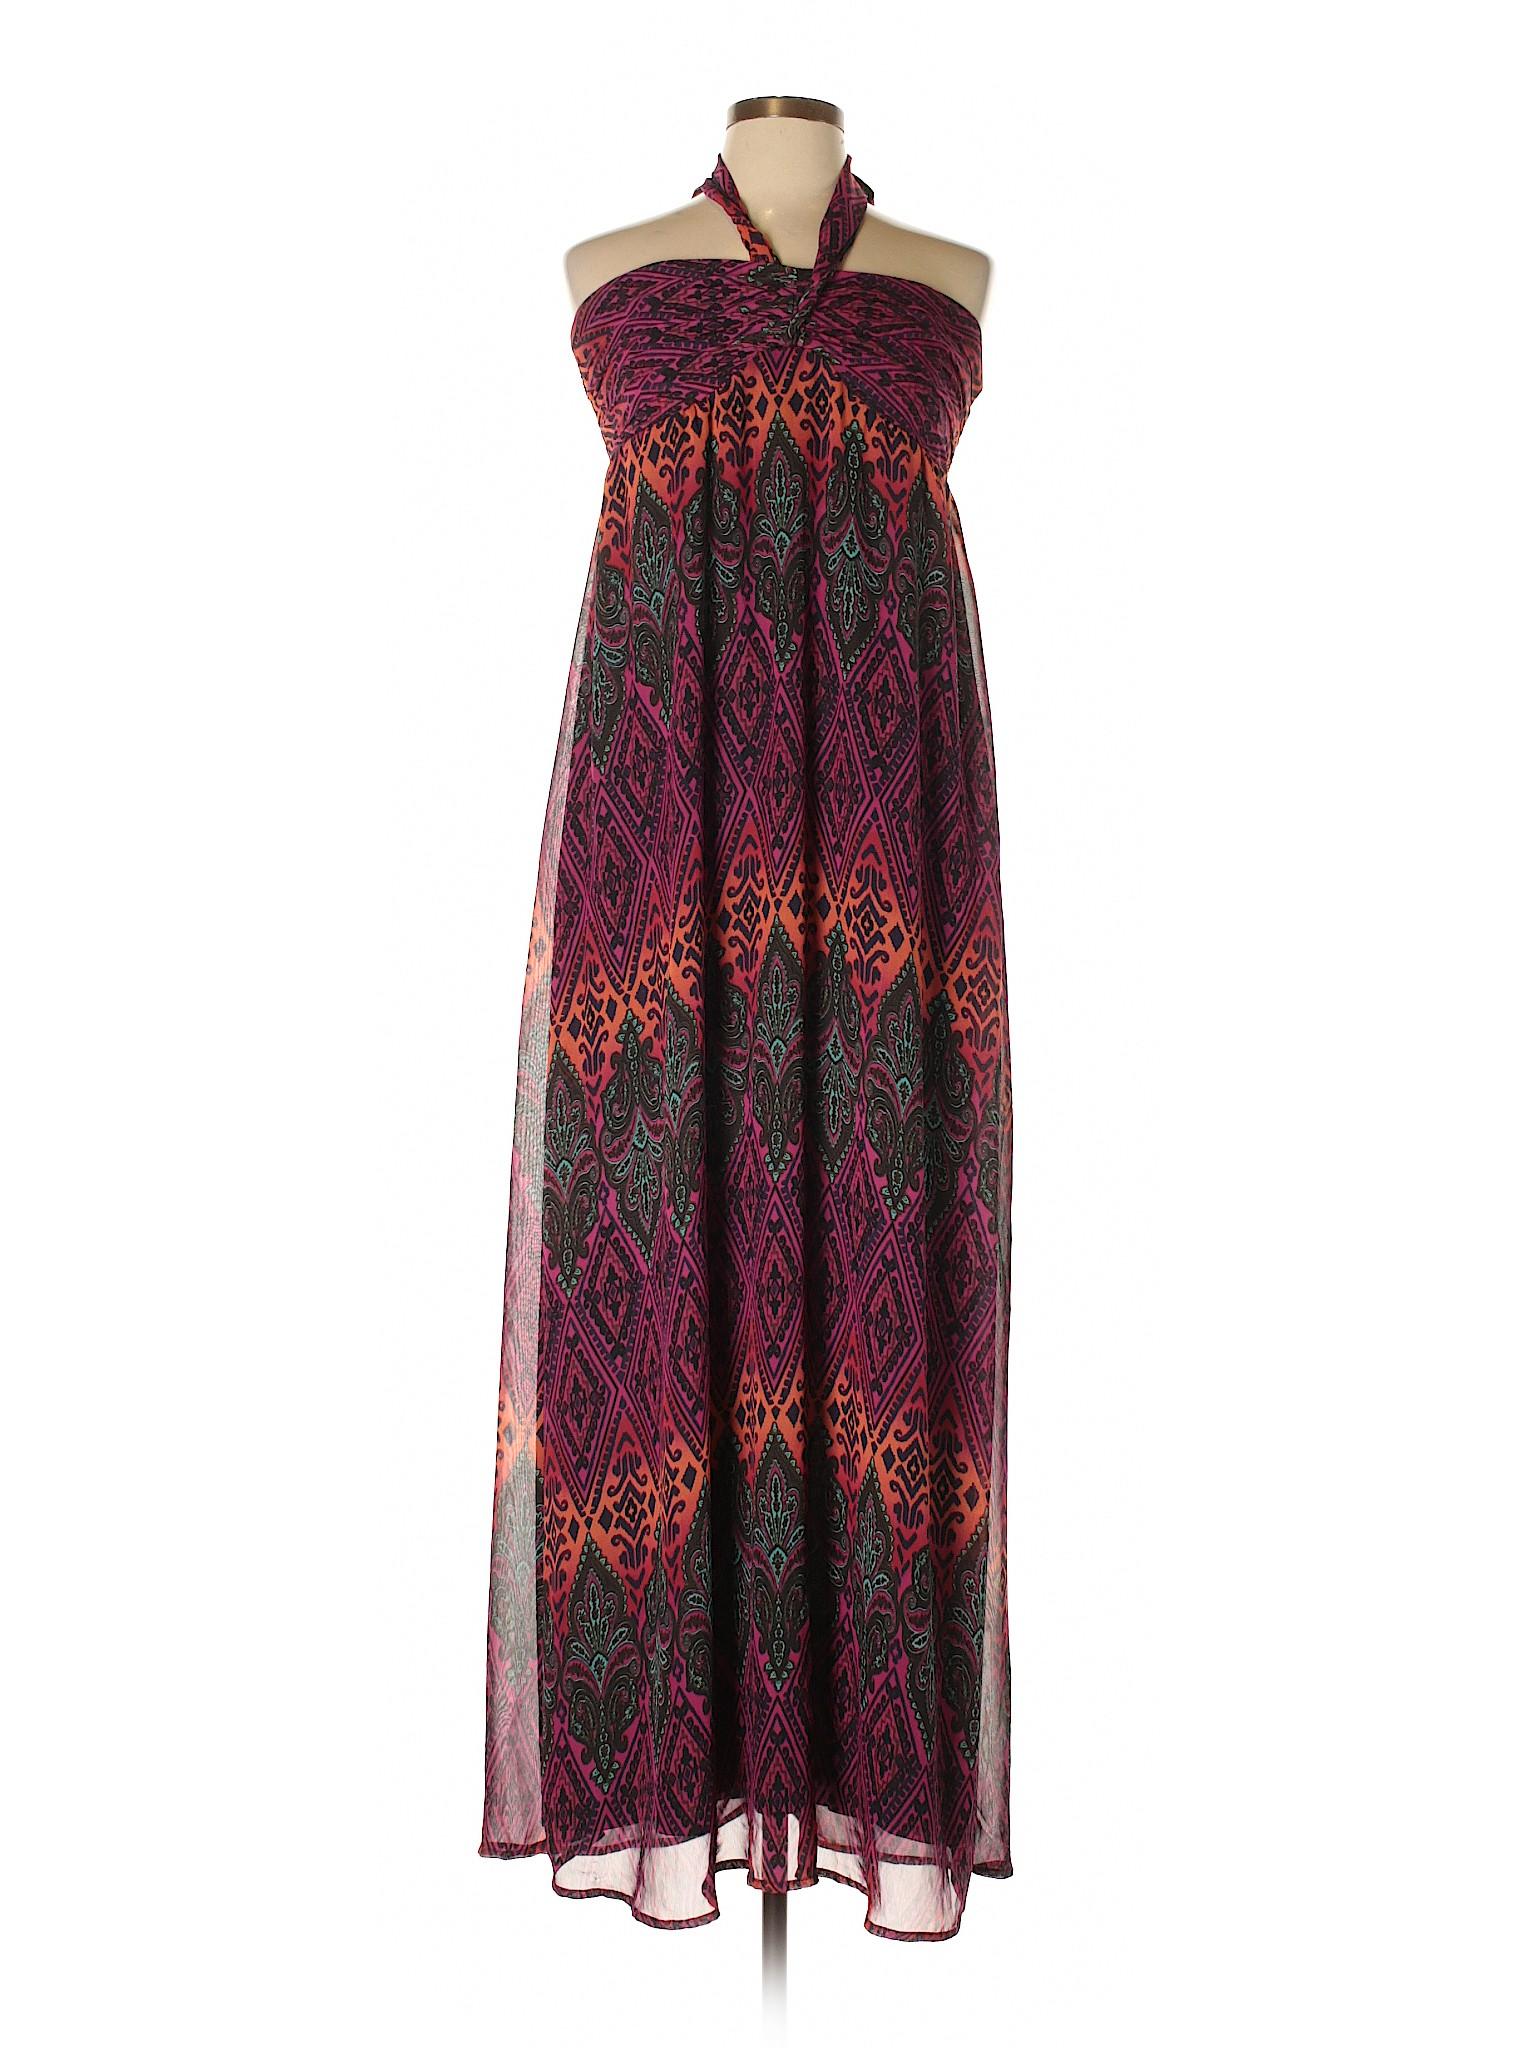 Casual Selling Xhilaration Xhilaration Selling Dress tf8wf0